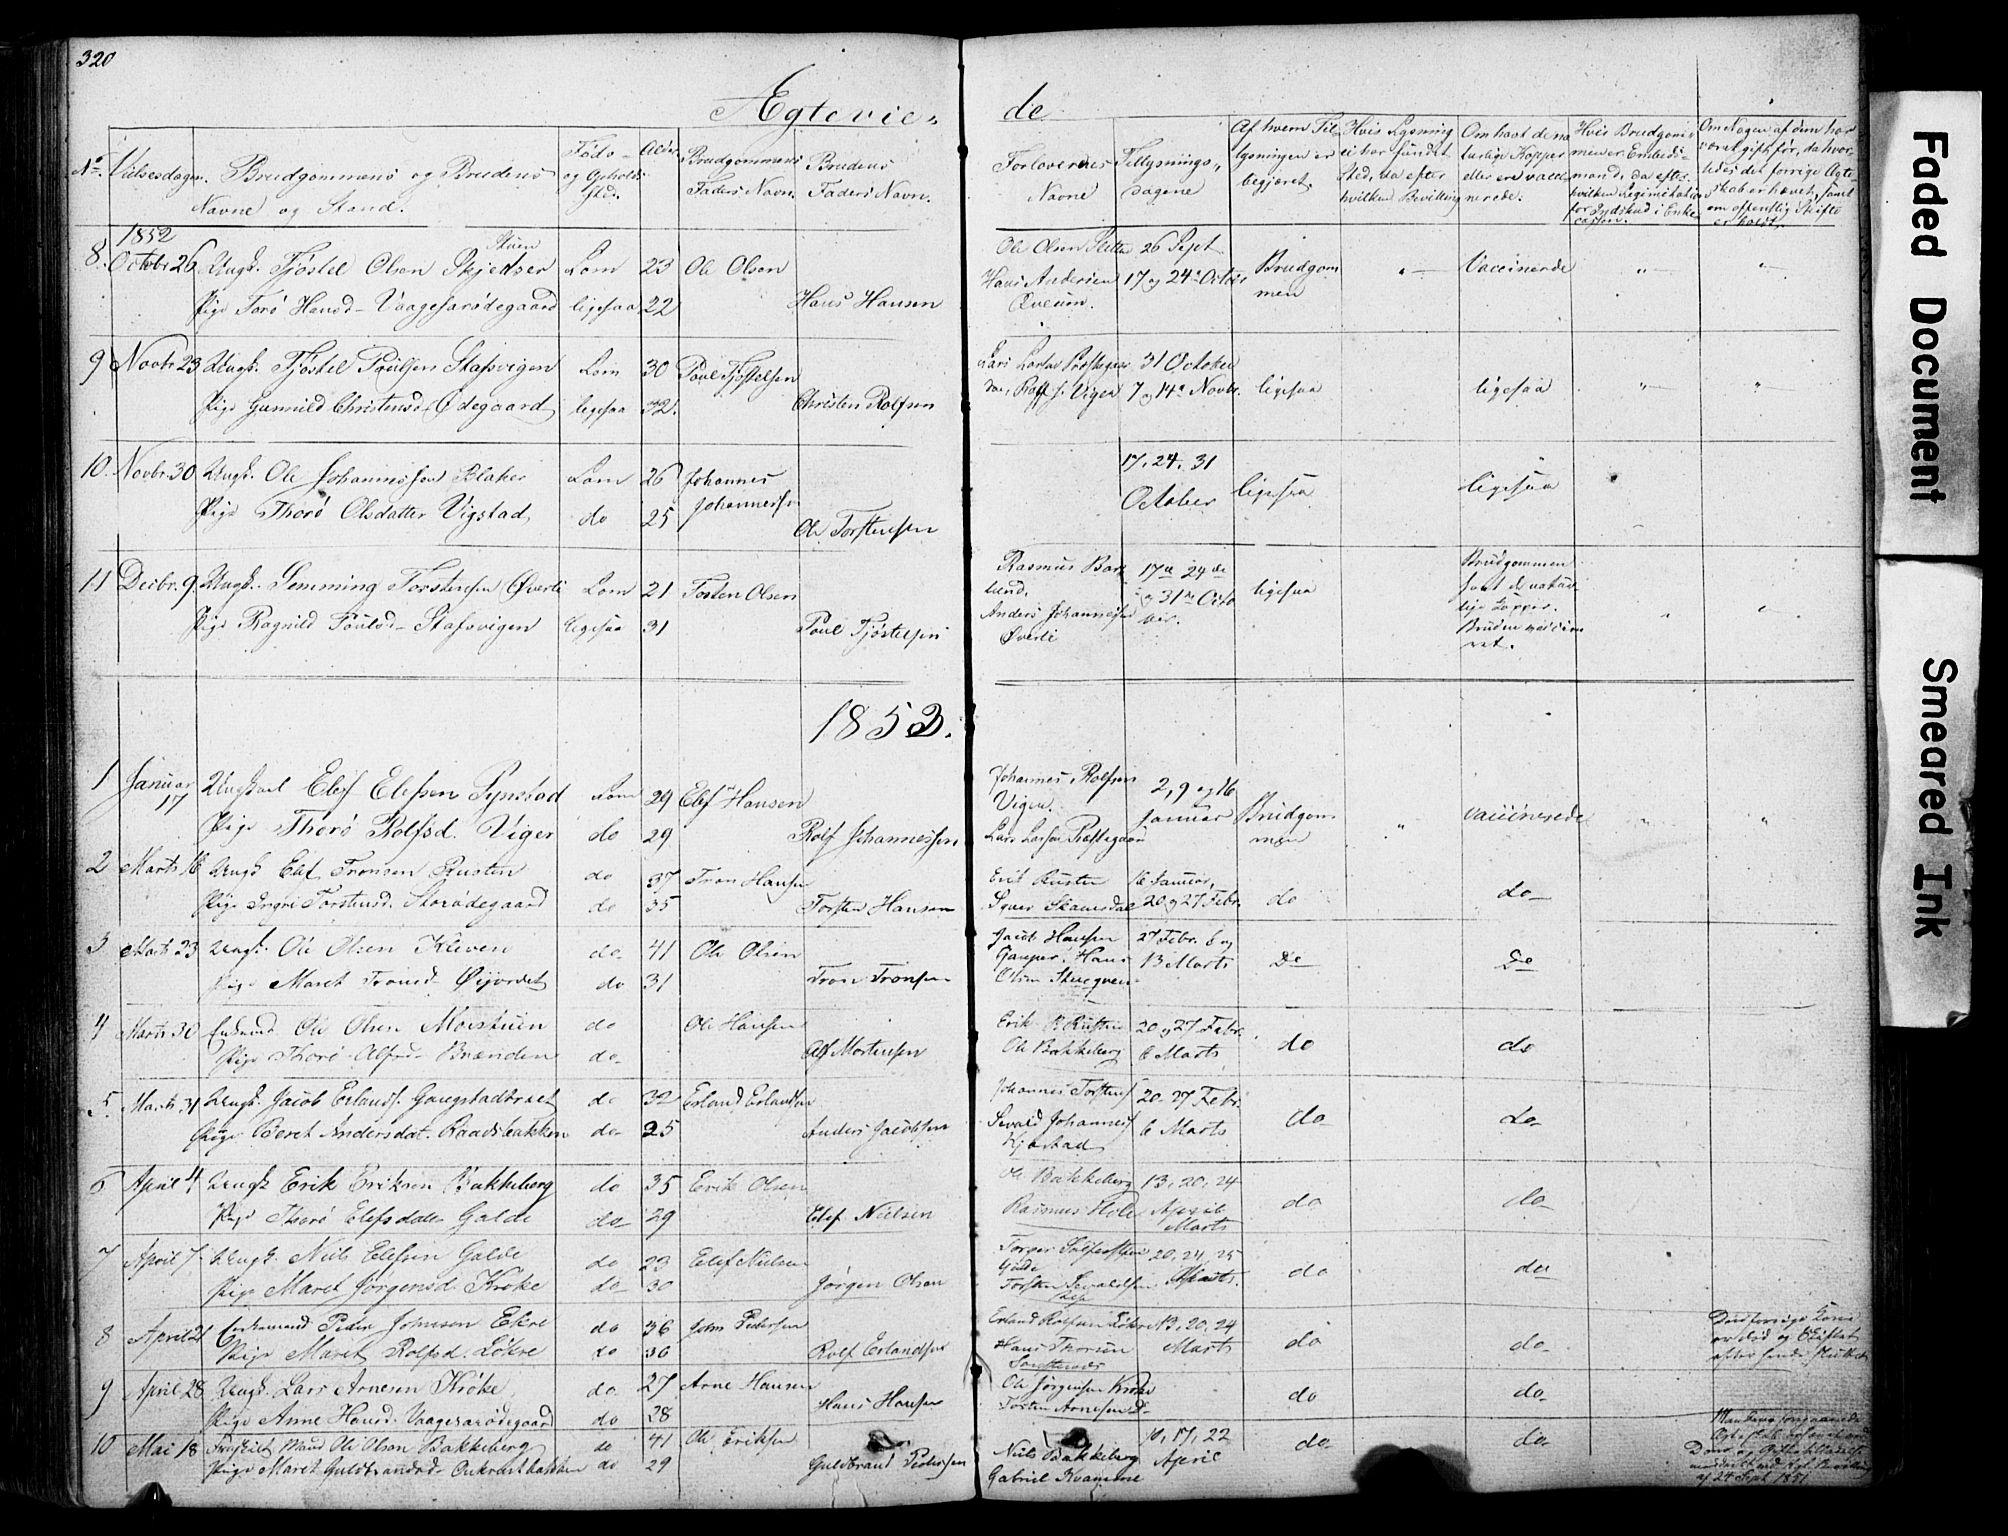 SAH, Lom prestekontor, L/L0012: Klokkerbok nr. 12, 1845-1873, s. 320-321